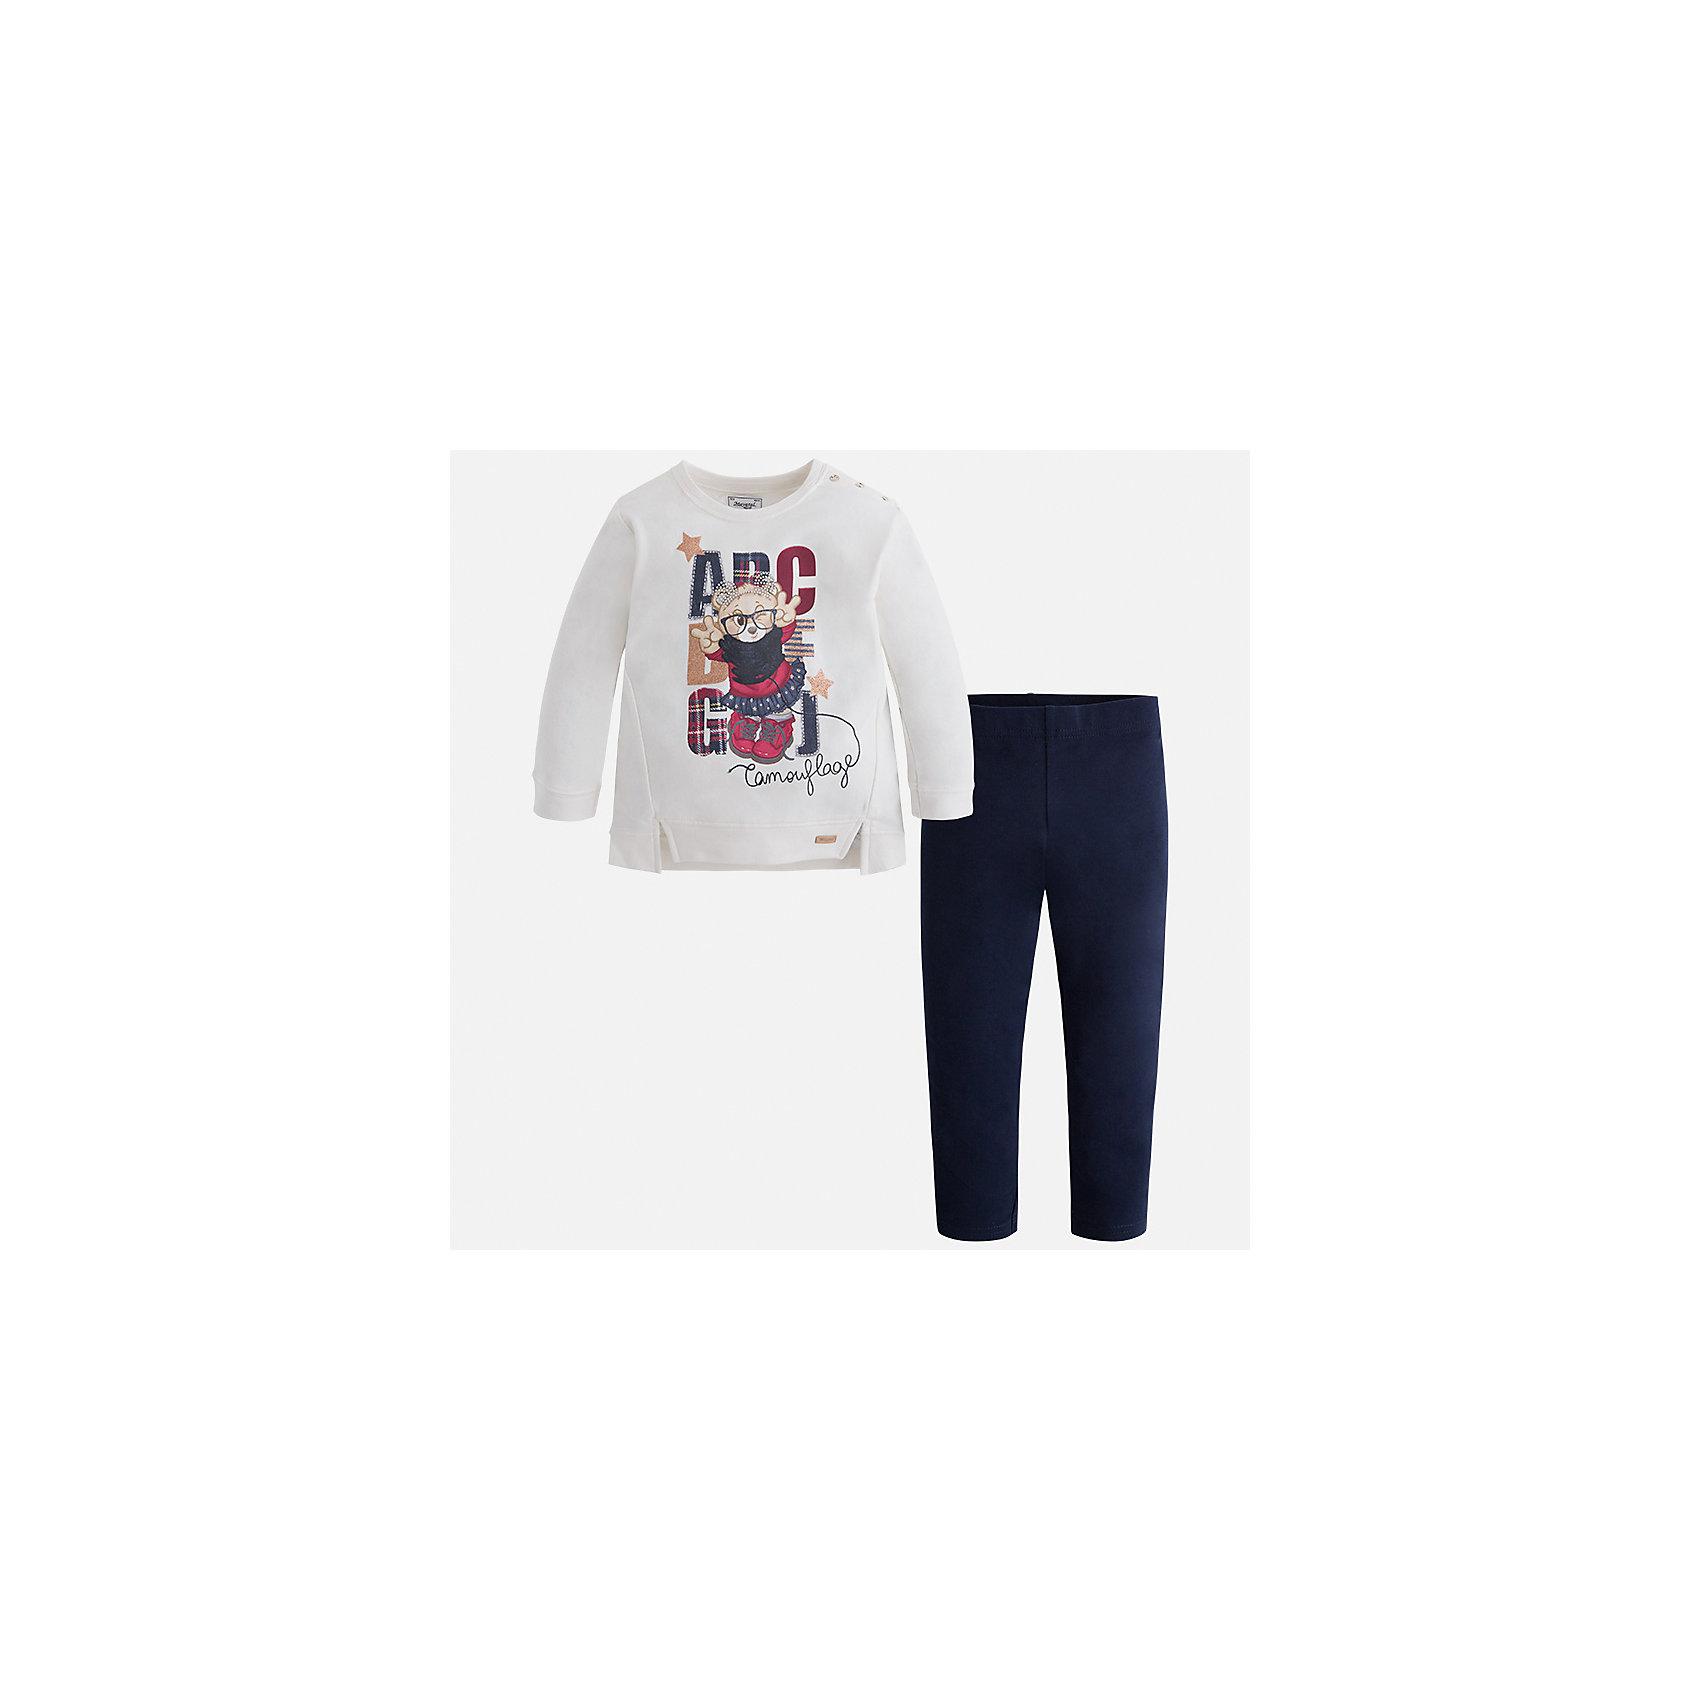 Комплект: блузка и леггинсы для девочки MayoralКомплекты<br>Характеристики товара:<br><br>• цвет: белый/темно-синий<br>• состав ткани: блузка - 95% хлопок, 5% эластан, брюки - 47% хлопок, 48% полиэстер, 5% эластан<br>• комплектация: блузка и леггинсы<br>• сезон: демисезон<br>• особенности модели: принт с блестками<br>• длинные рукава<br>• пояс: резинка <br>• страна бренда: Испания<br>• страна изготовитель: Индия<br><br>Этот детский комплект из блузки и леггинсов подойдет для ношения в разных случаях. Отличный способ обеспечить ребенку тепло и комфорт - надеть детские блузку и леггинсы от Mayoral. Детские леггинсы сшиты из приятного на ощупь материала. Блуза для девочки Mayoral удобно сидит по фигуре. <br><br>Комплект: блузка и леггинсы для девочки Mayoral (Майорал) можно купить в нашем интернет-магазине.<br><br>Ширина мм: 123<br>Глубина мм: 10<br>Высота мм: 149<br>Вес г: 209<br>Цвет: синий/белый<br>Возраст от месяцев: 96<br>Возраст до месяцев: 108<br>Пол: Женский<br>Возраст: Детский<br>Размер: 134,92,98,104,110,116,122,128<br>SKU: 6945063